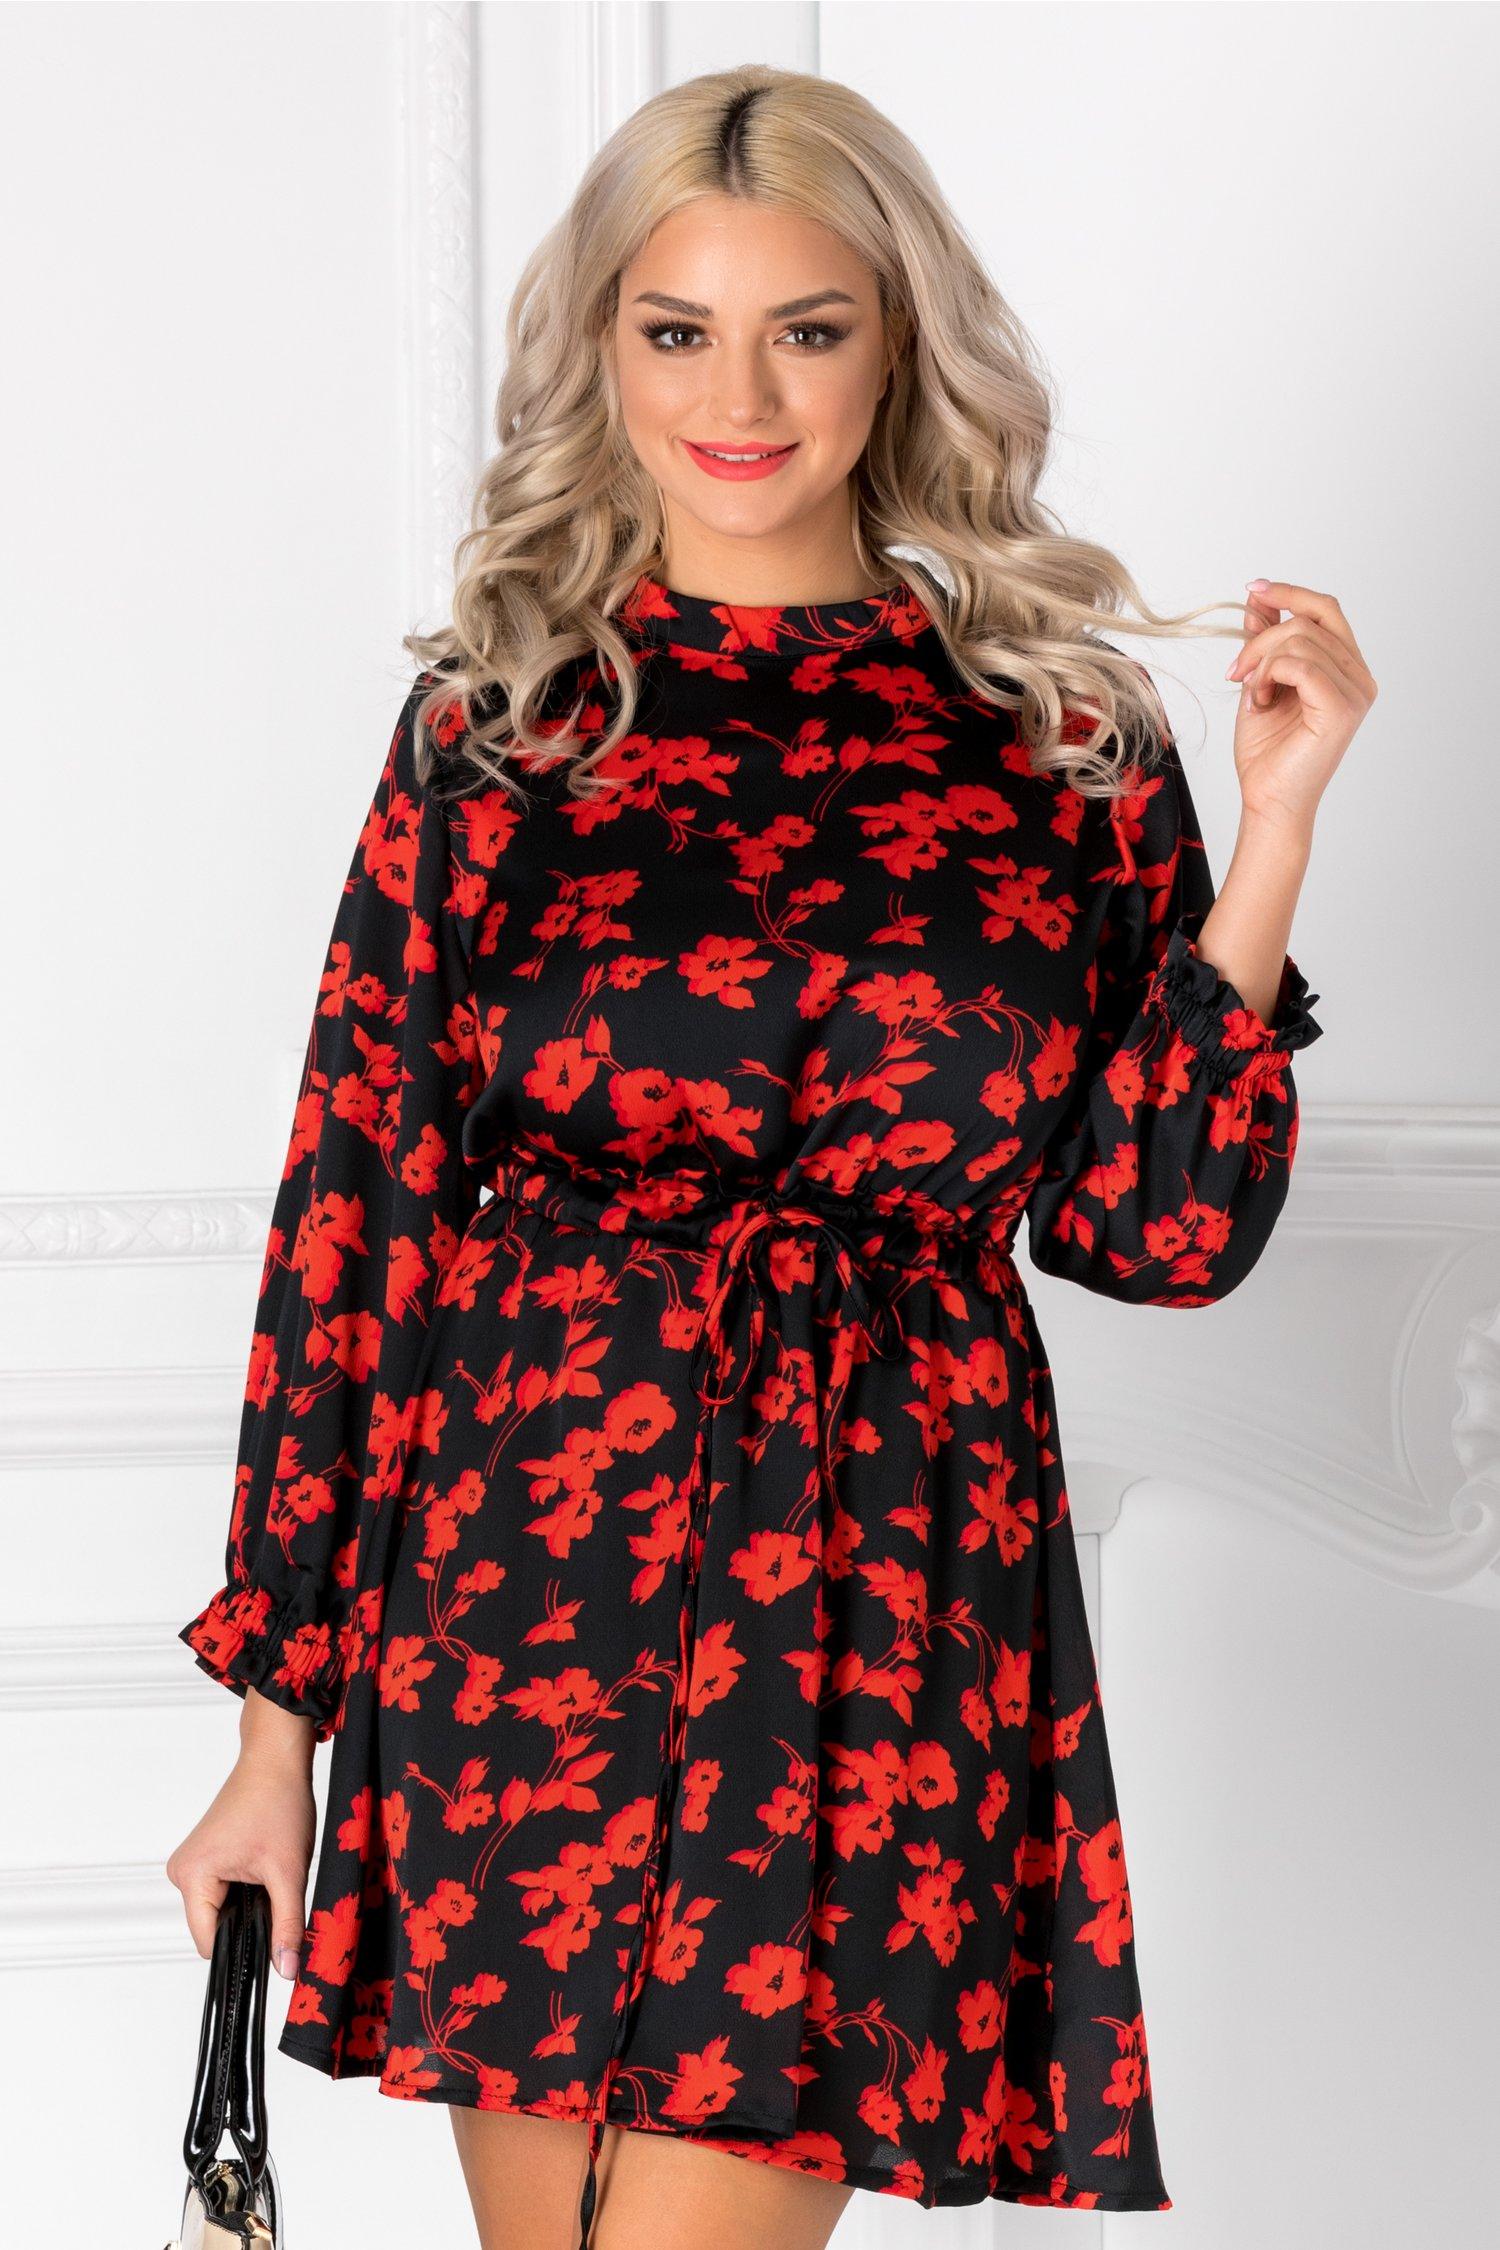 Rochie Isabela neagra cu flori rosii